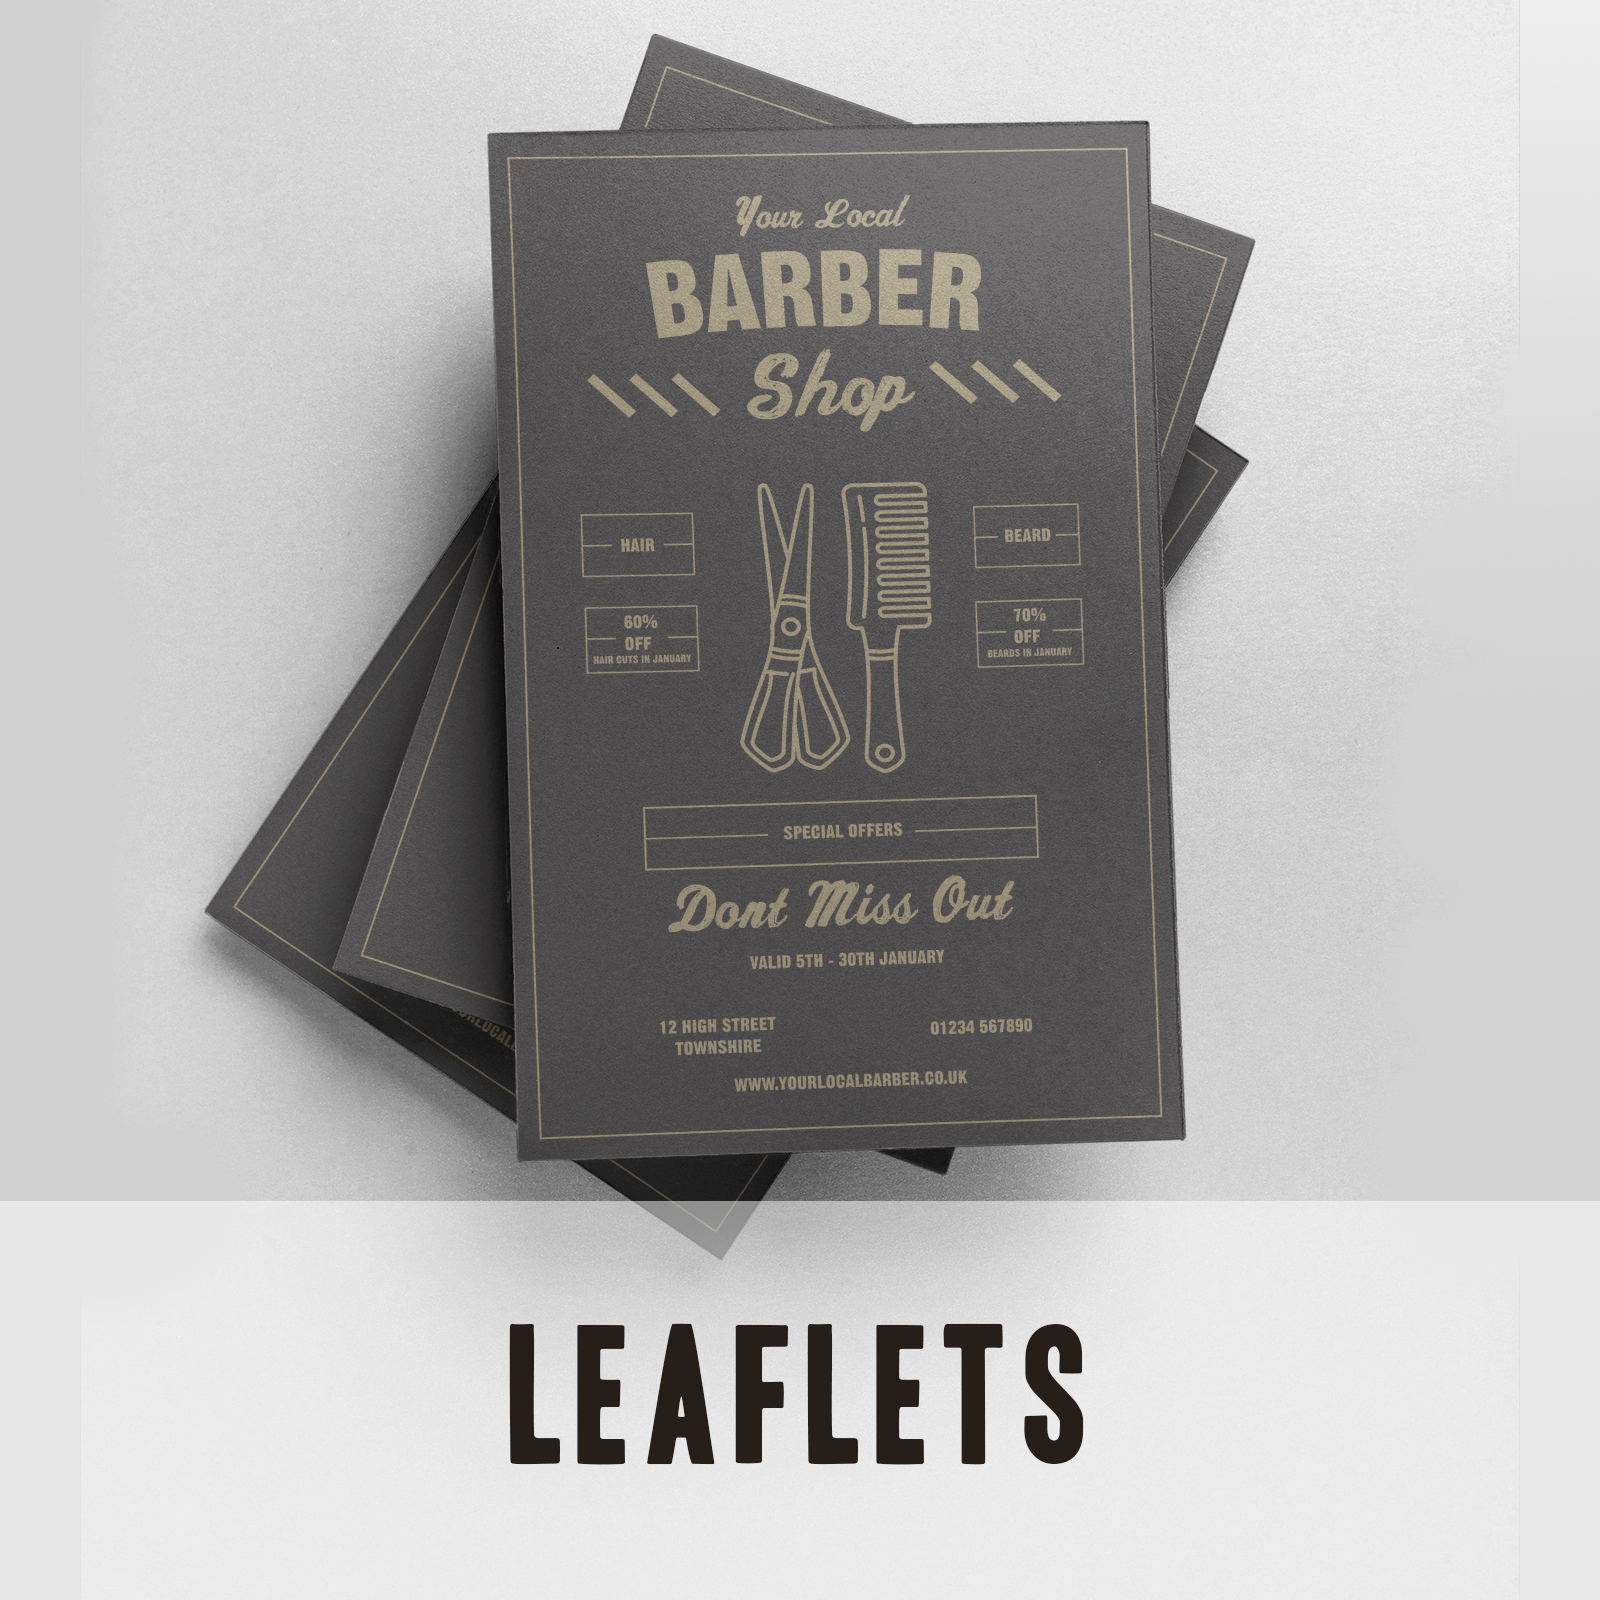 Leaflets - Barber Shops leaflet